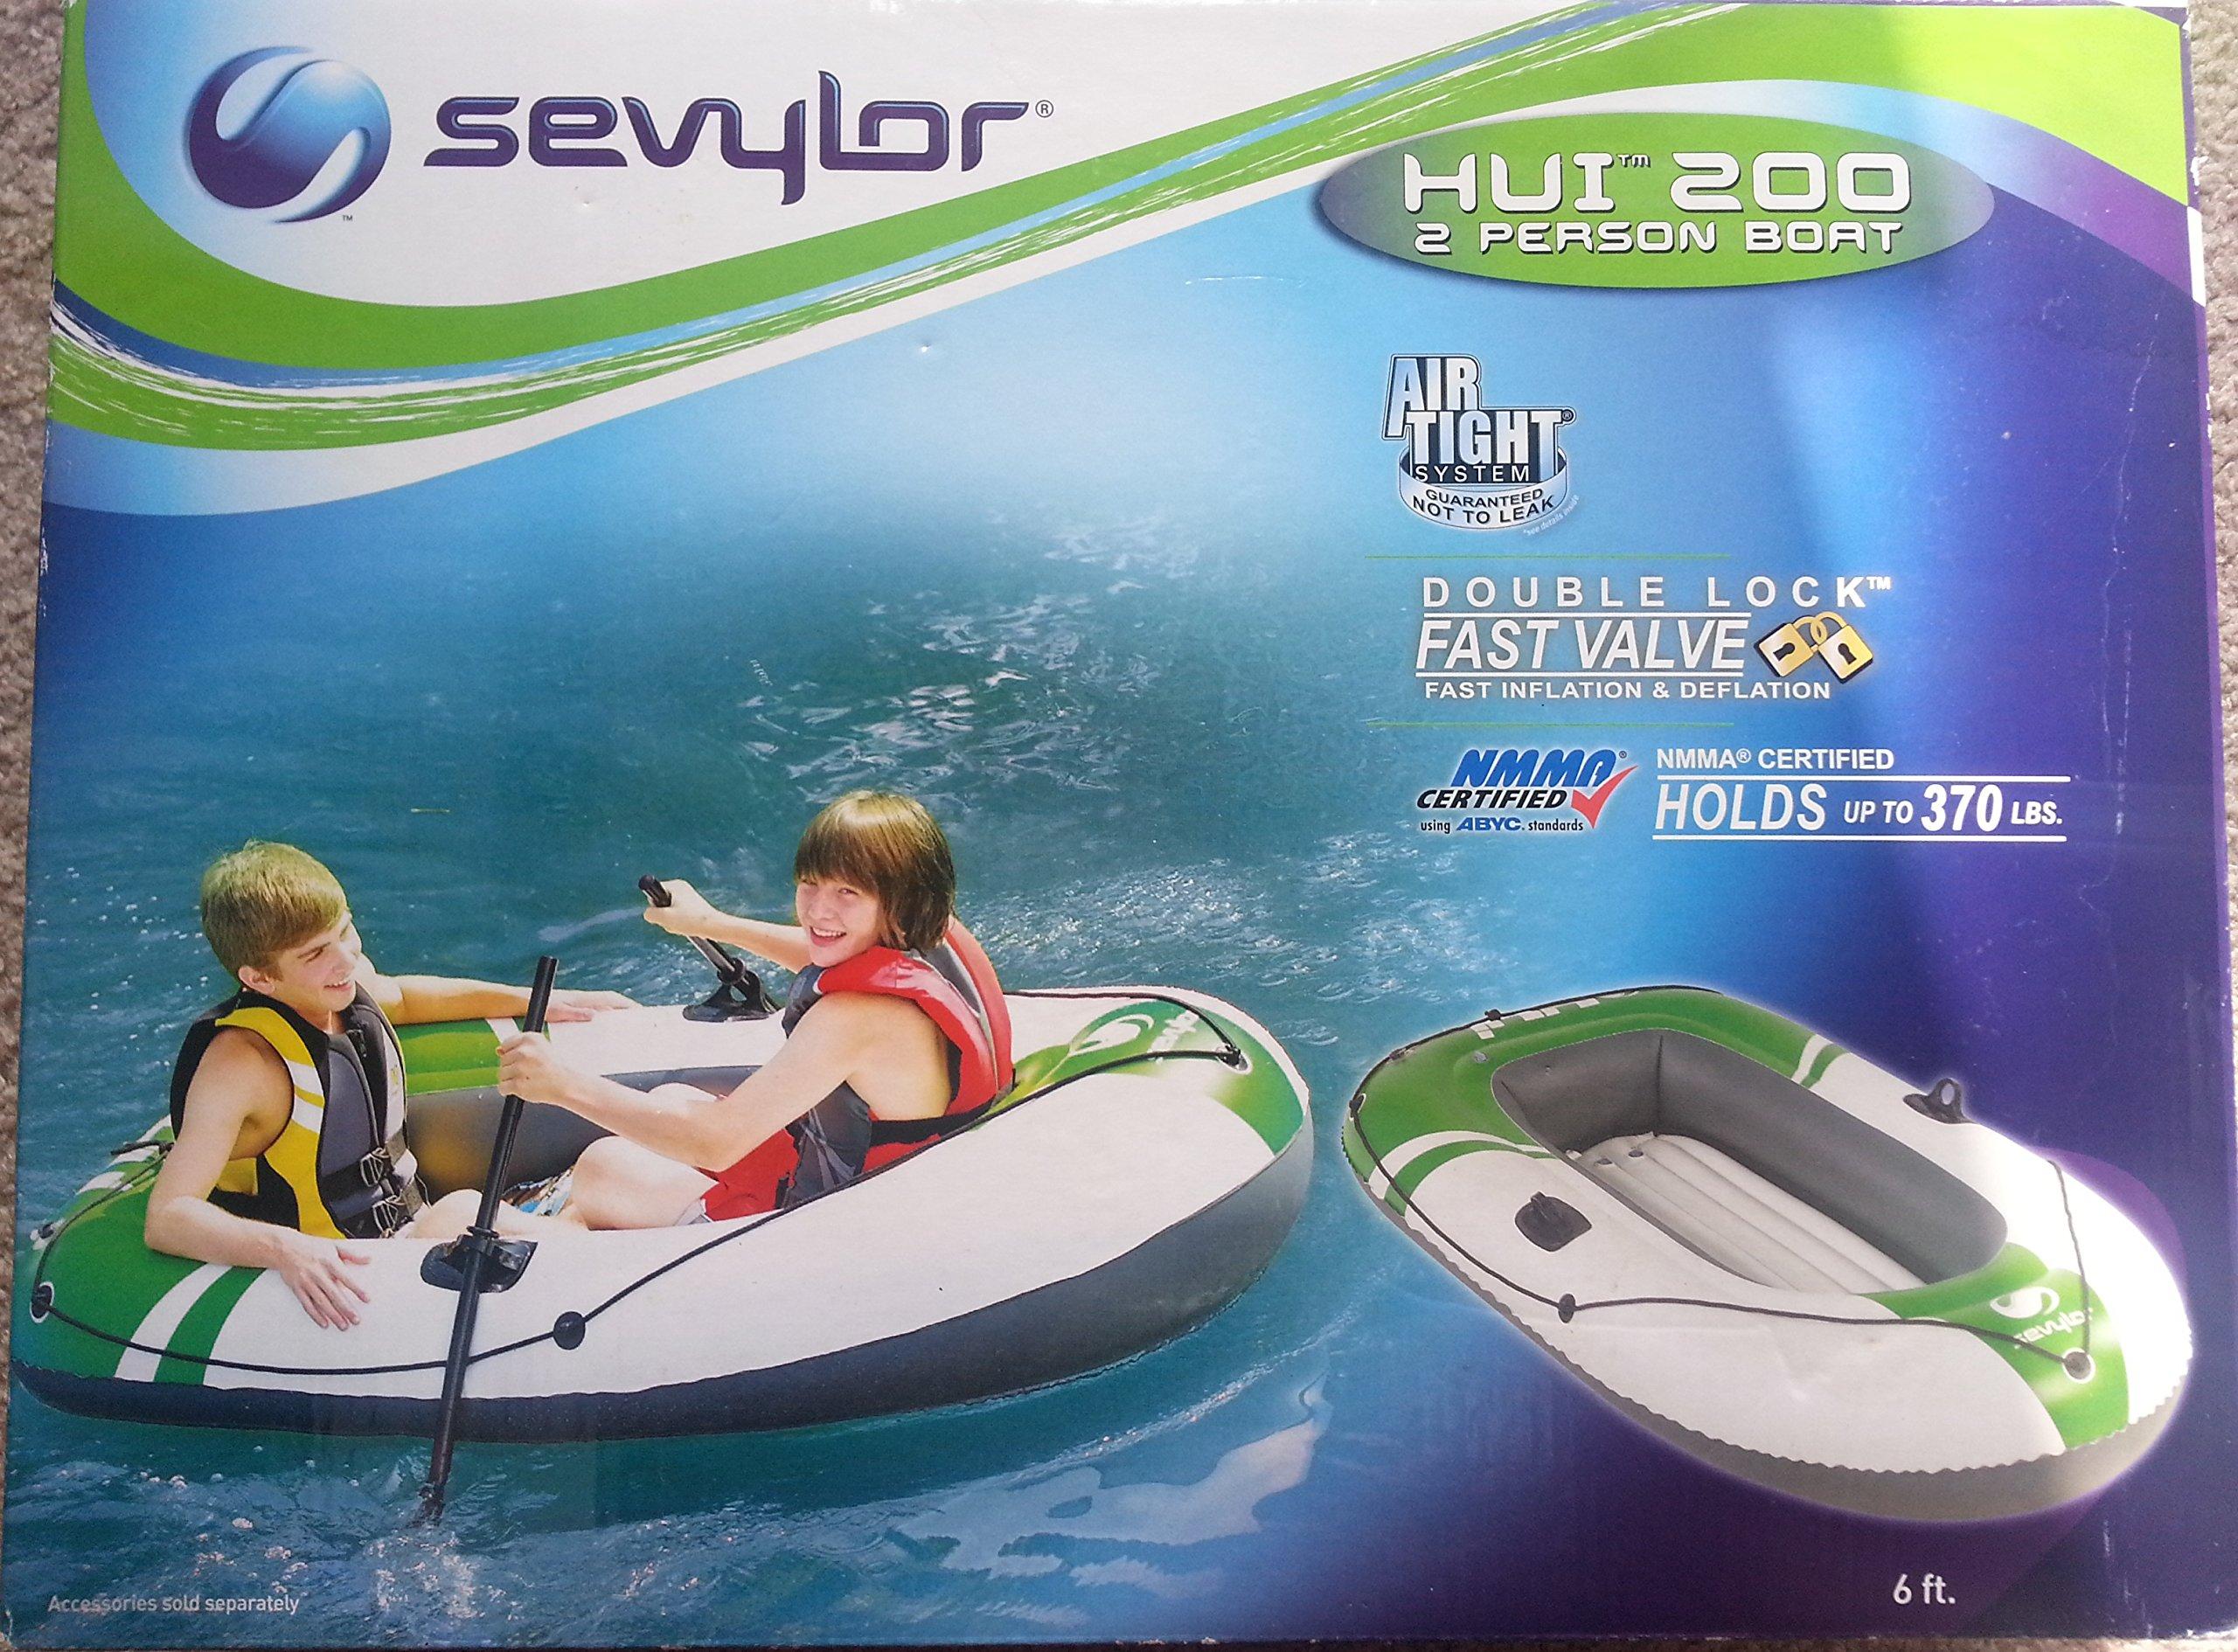 Sevylor 2 Person Boat HUI 200 by Sevylor (Image #1)